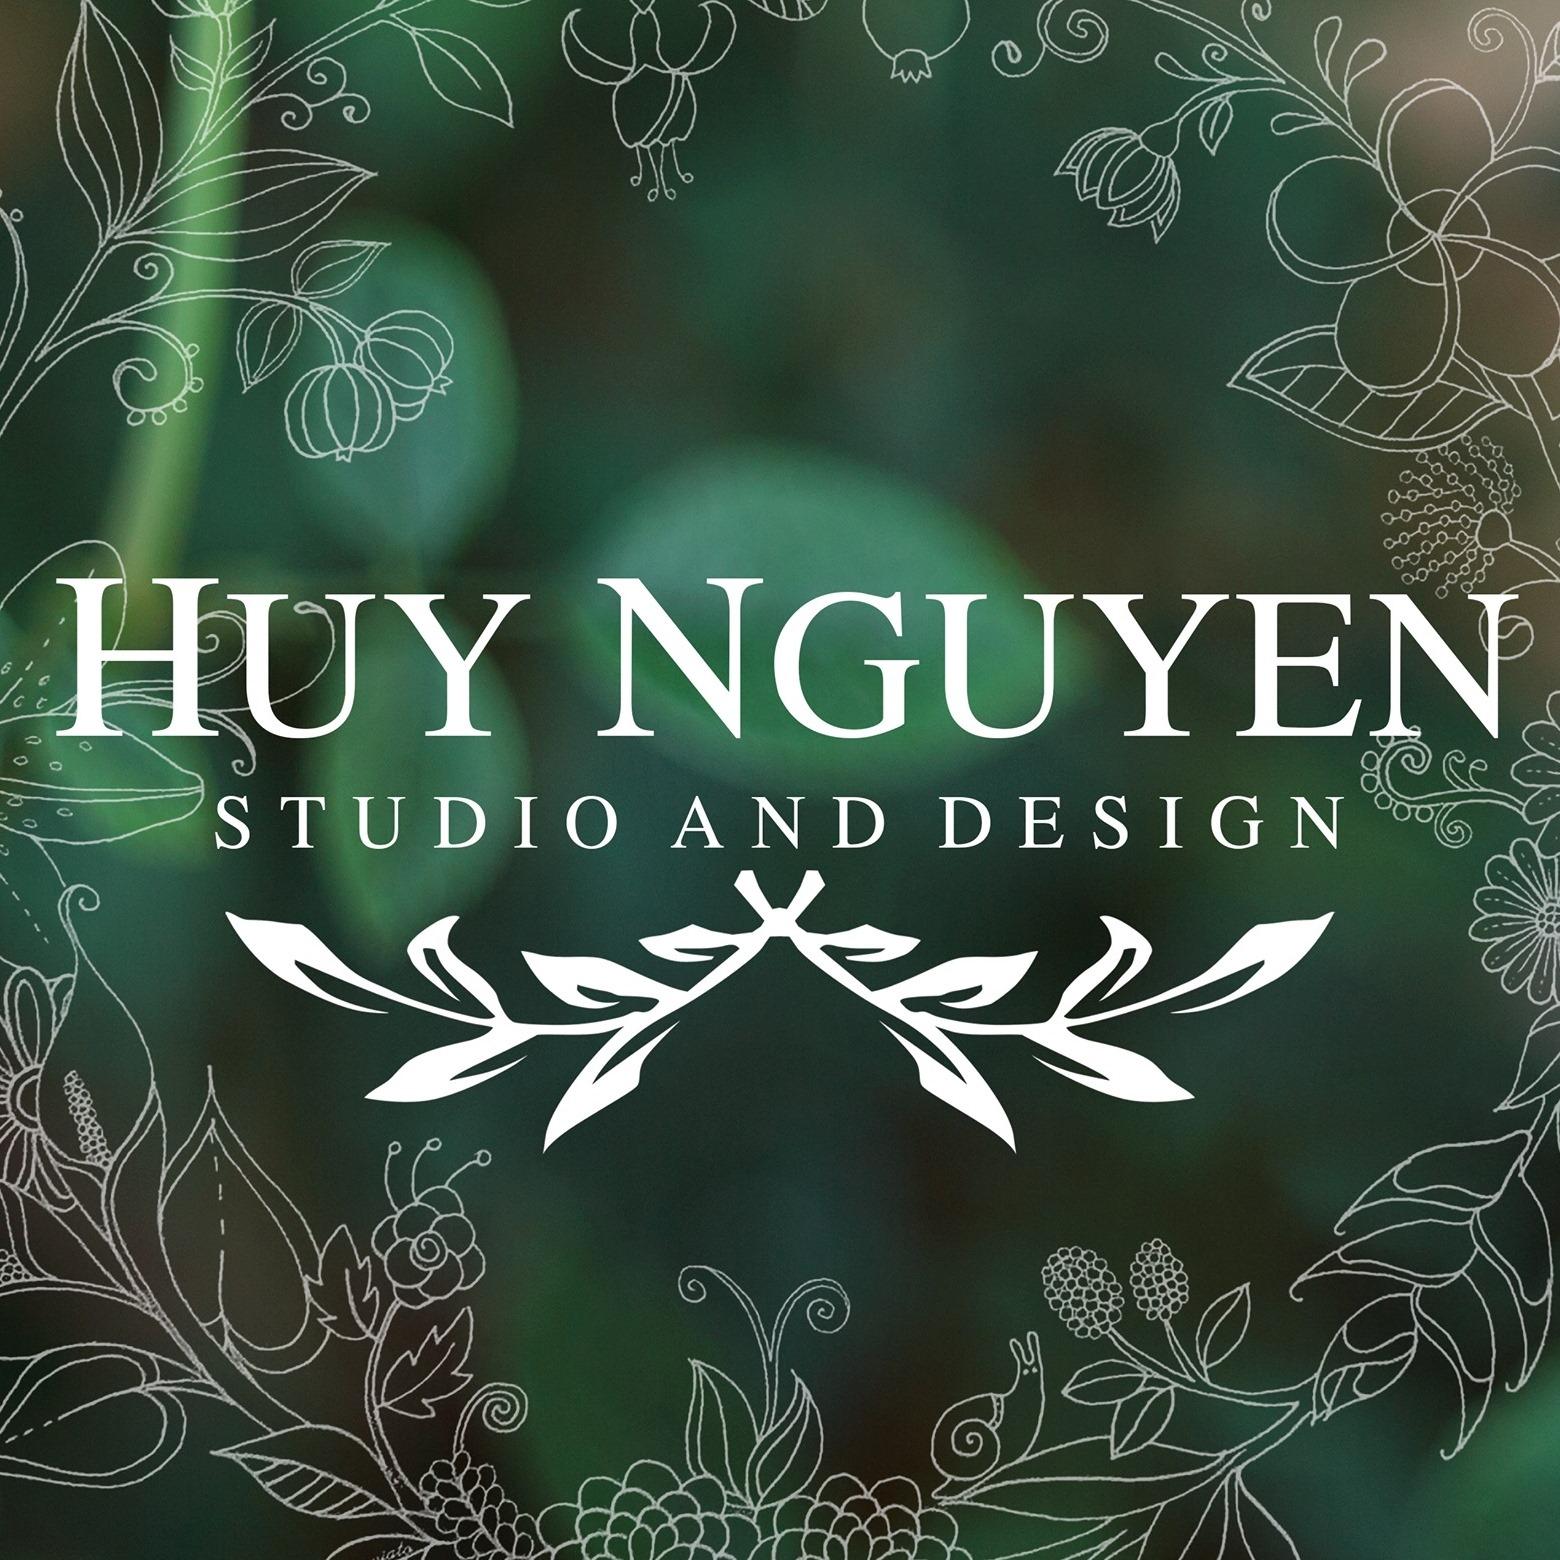 Huy Nguyen Studio